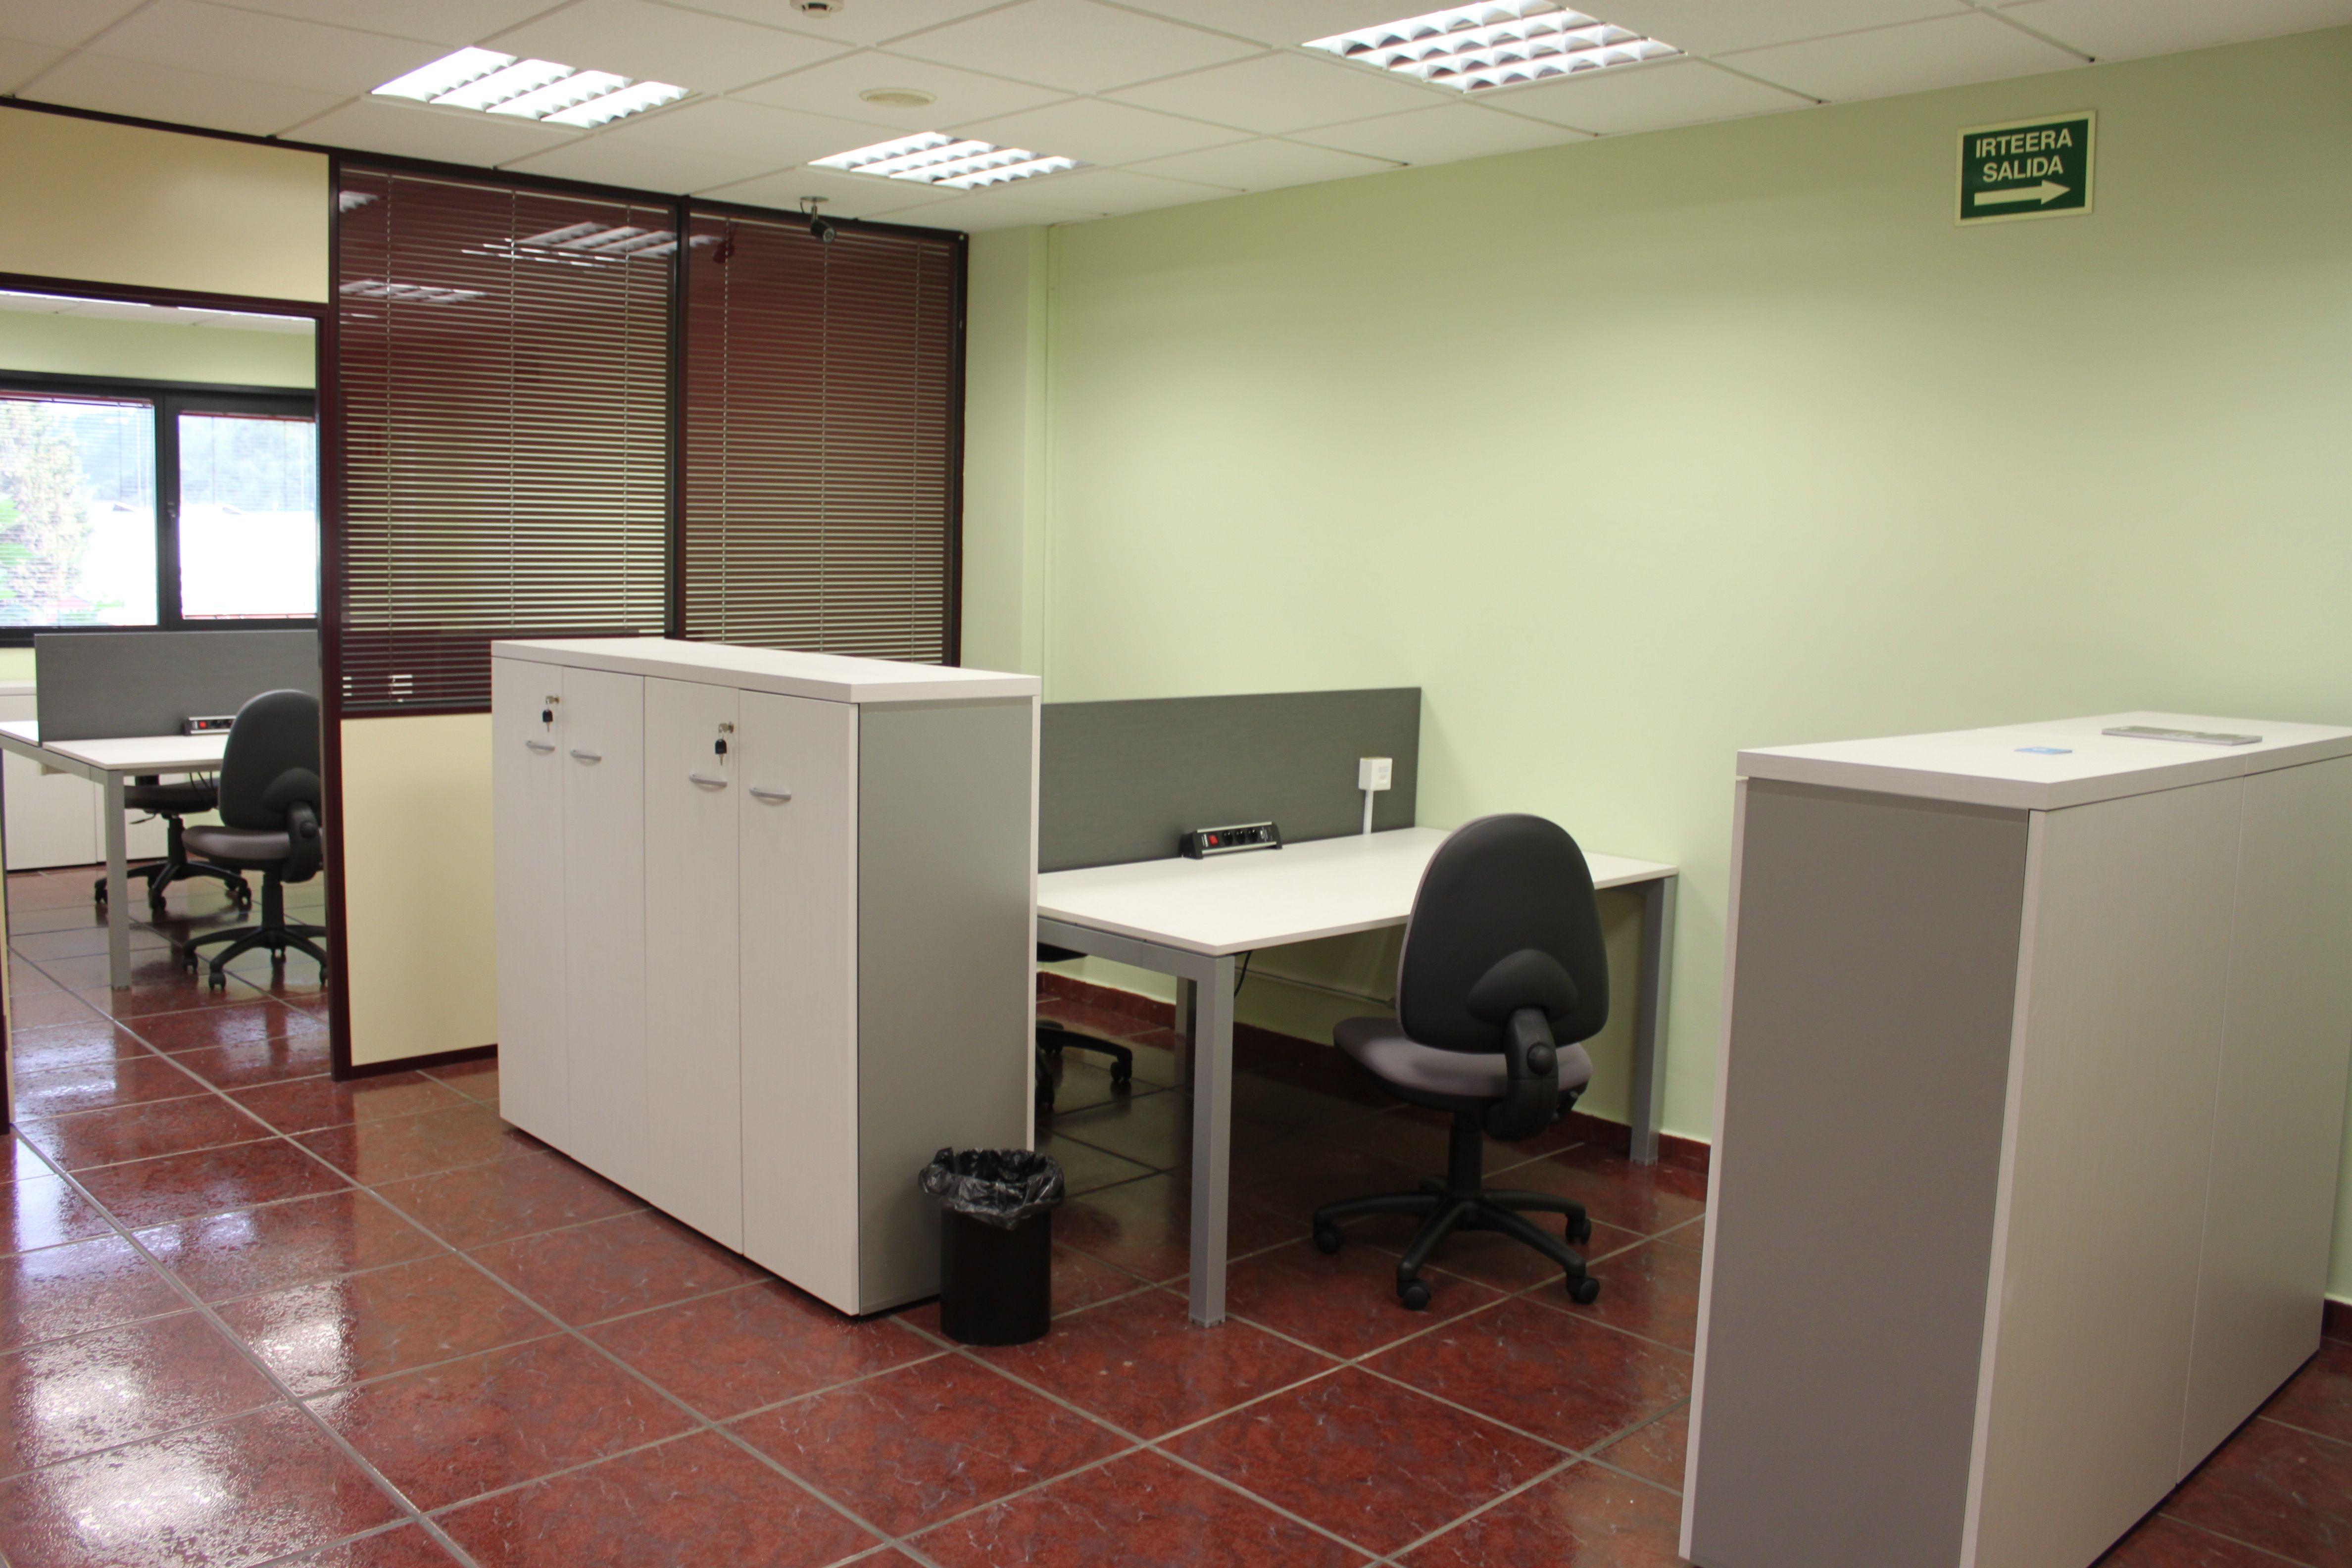 espacio de trabajo compartido